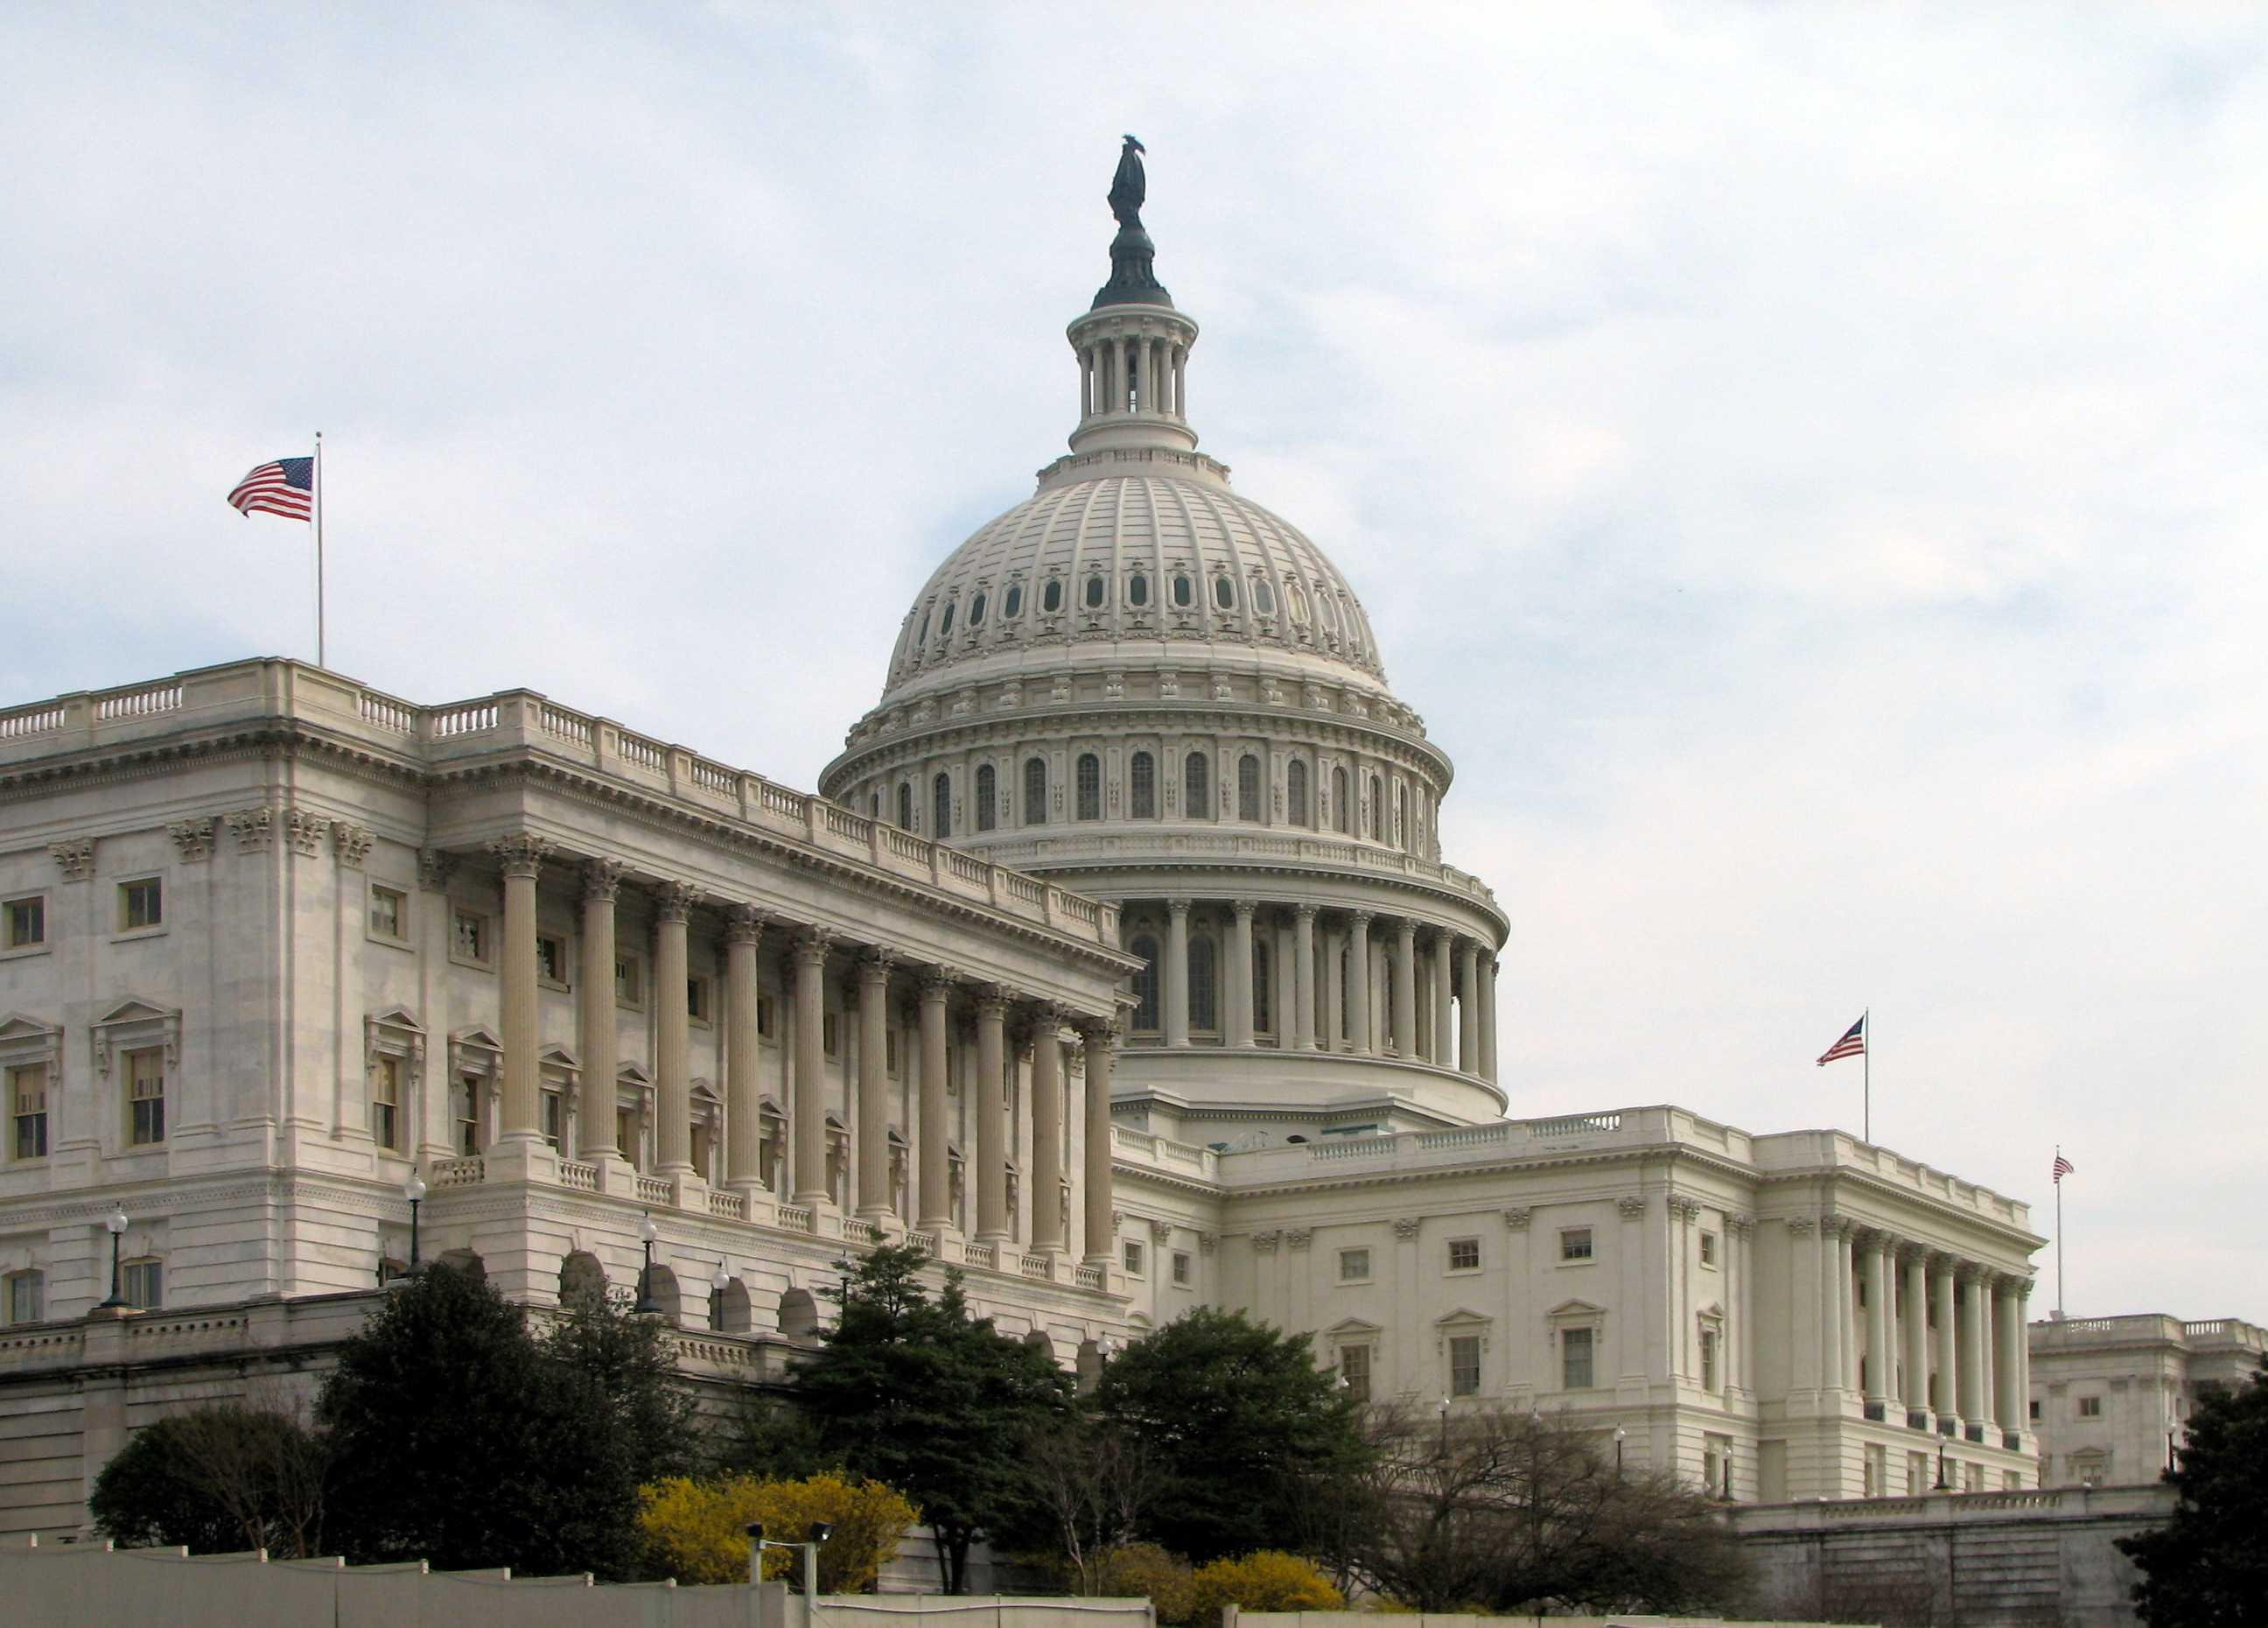 Senatsseite des US-Capitols